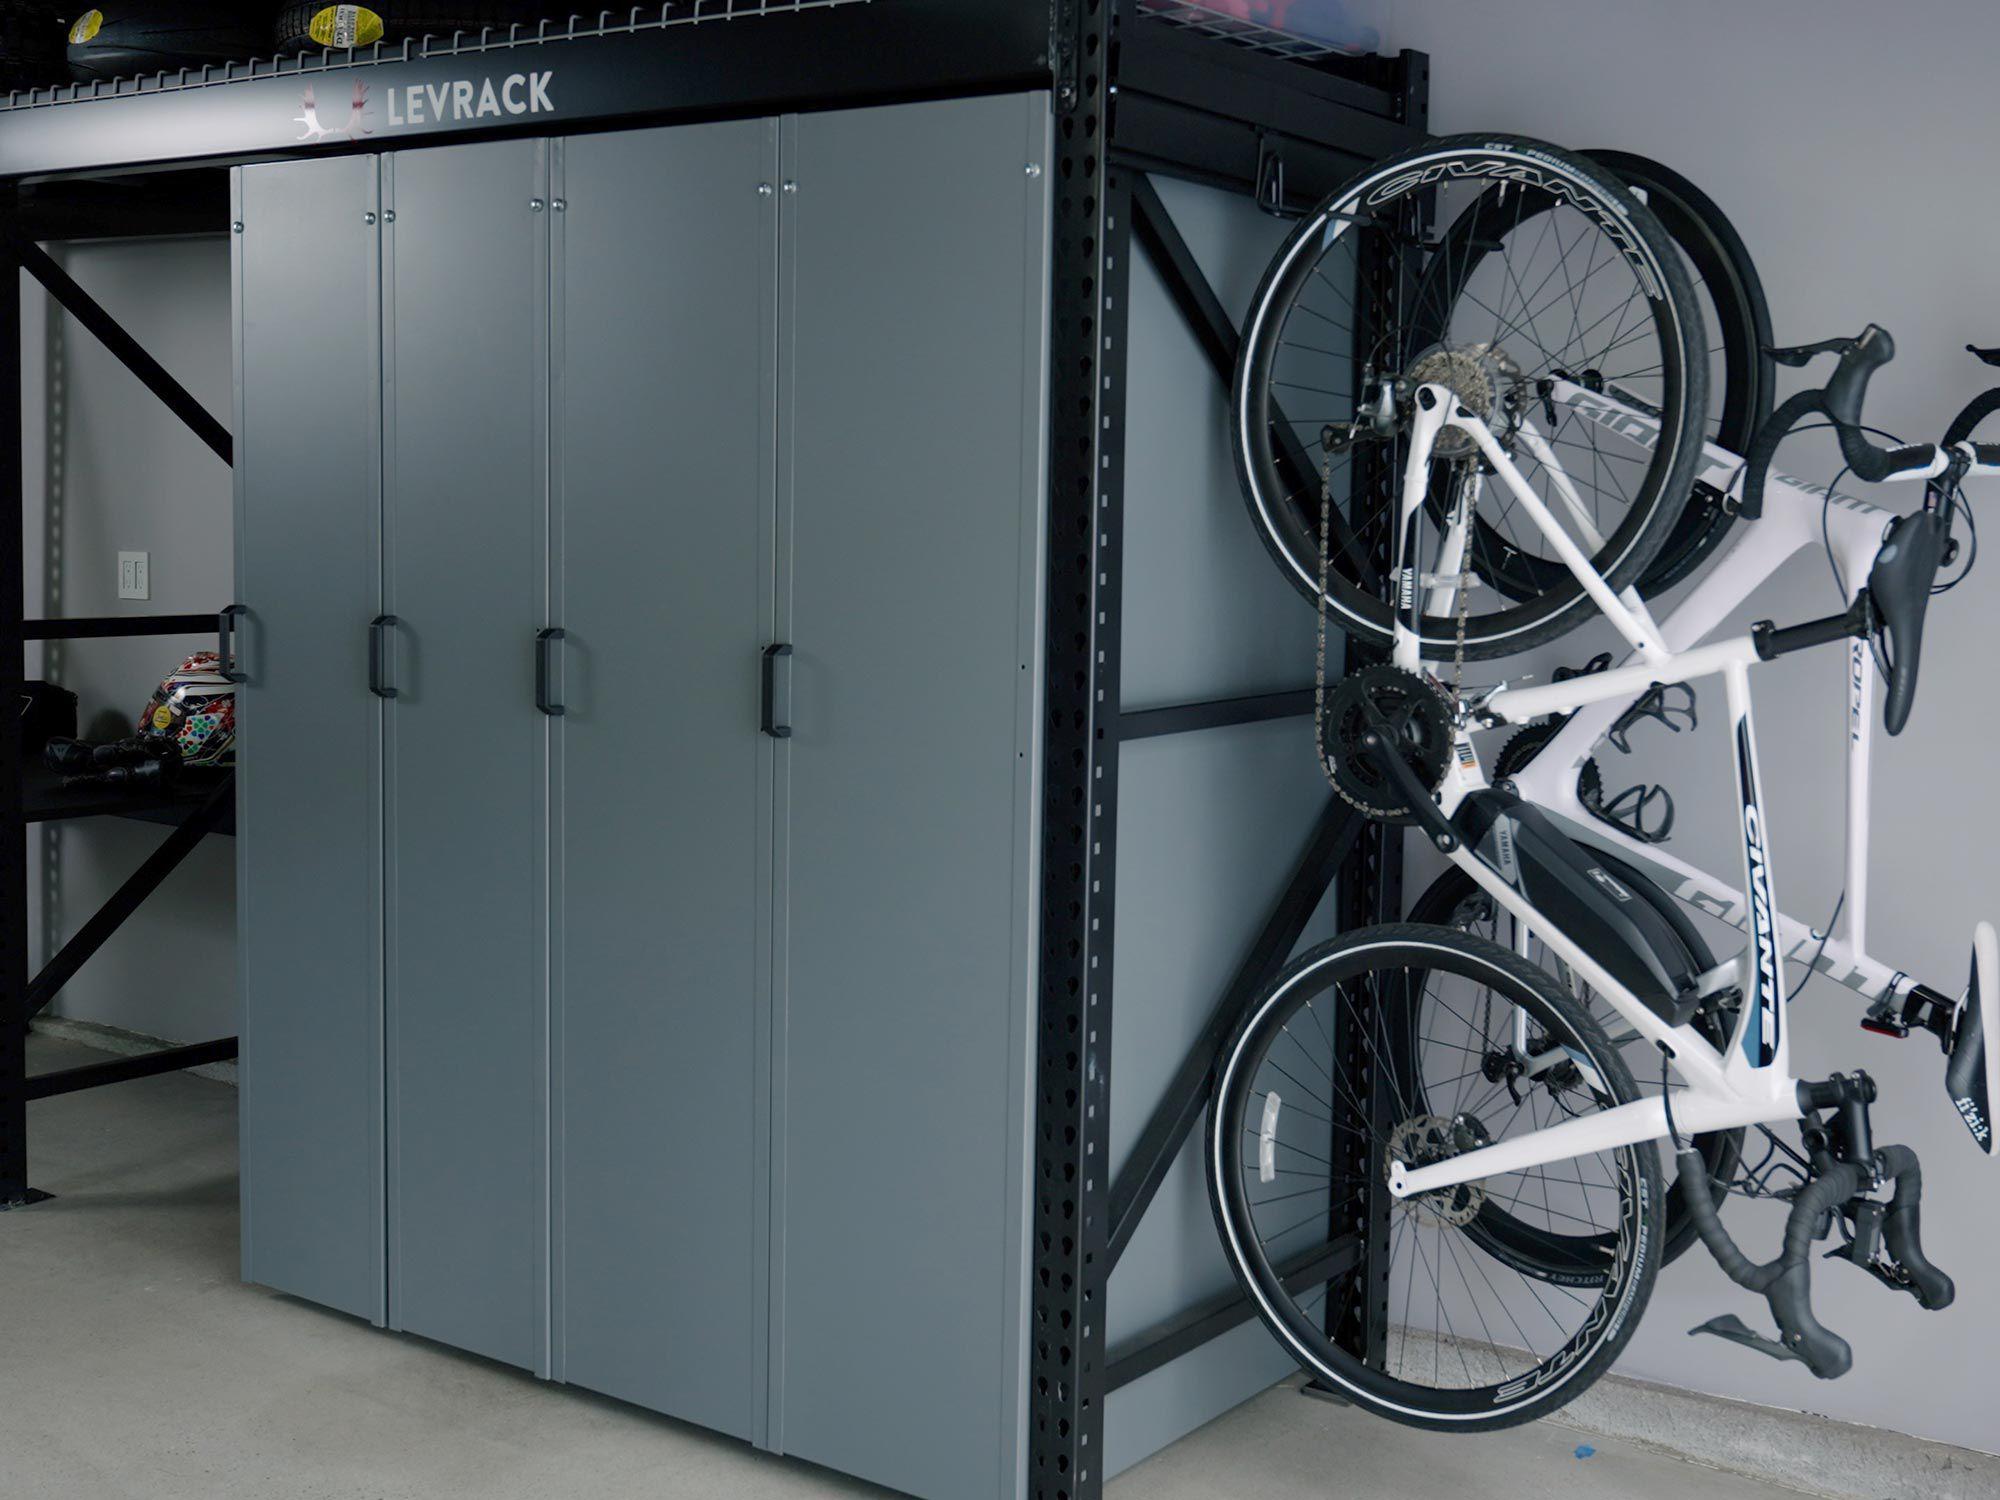 Levrack biedt een verscheidenheid aan accessoires, waaronder handige fietshaken die aan de optionele slatwall kunnen worden bevestigd.